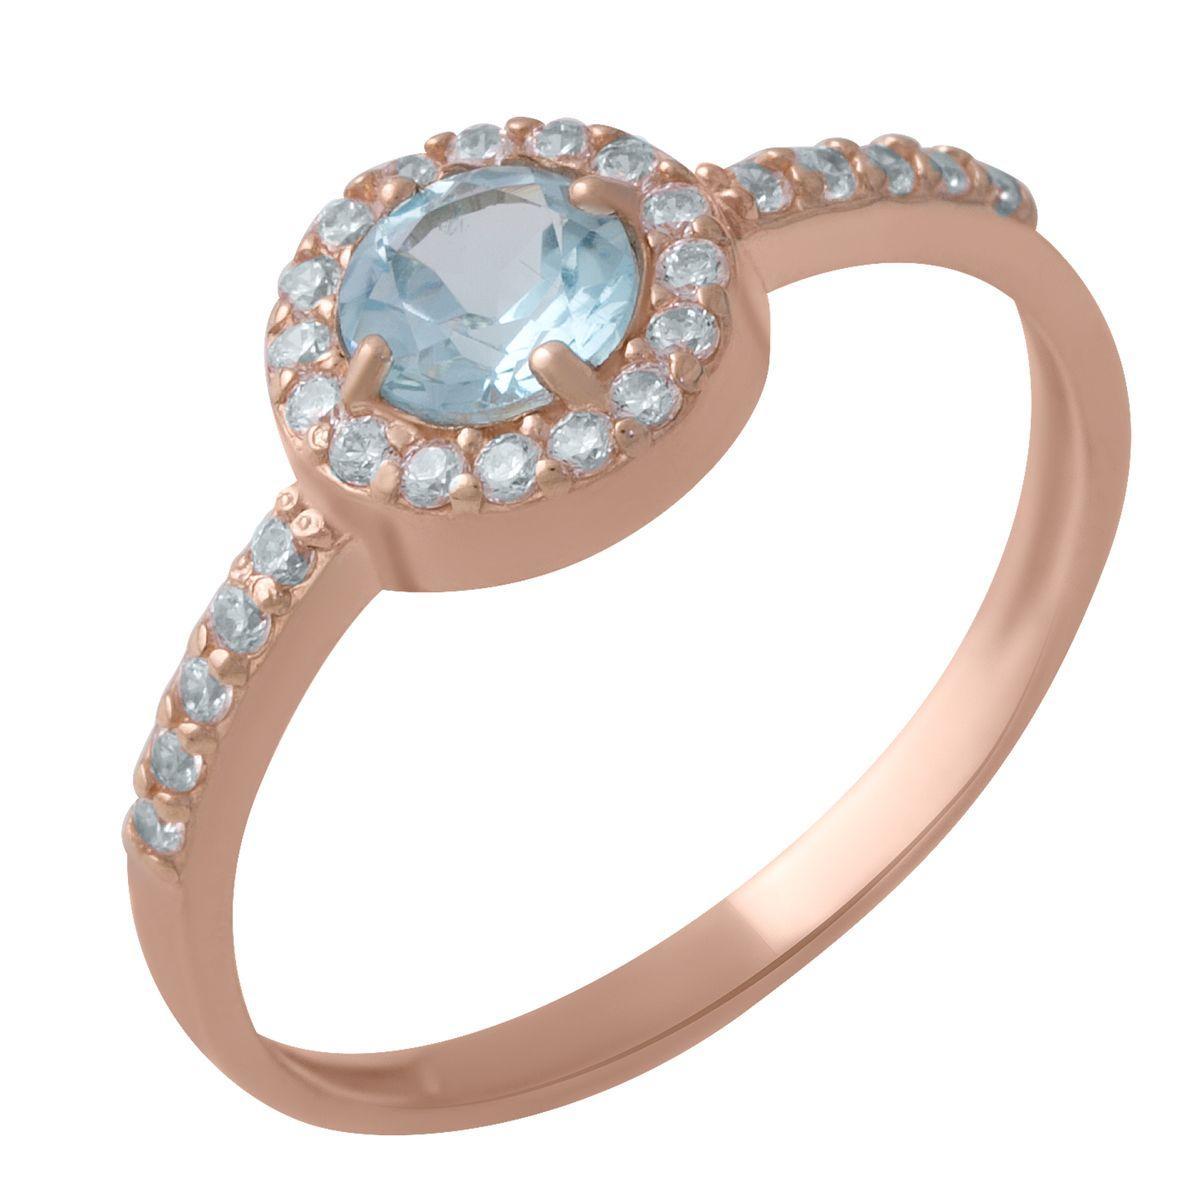 Золотое кольцо DreamJewelry с натуральным топазом 0.6ct (60001258) 18 размер